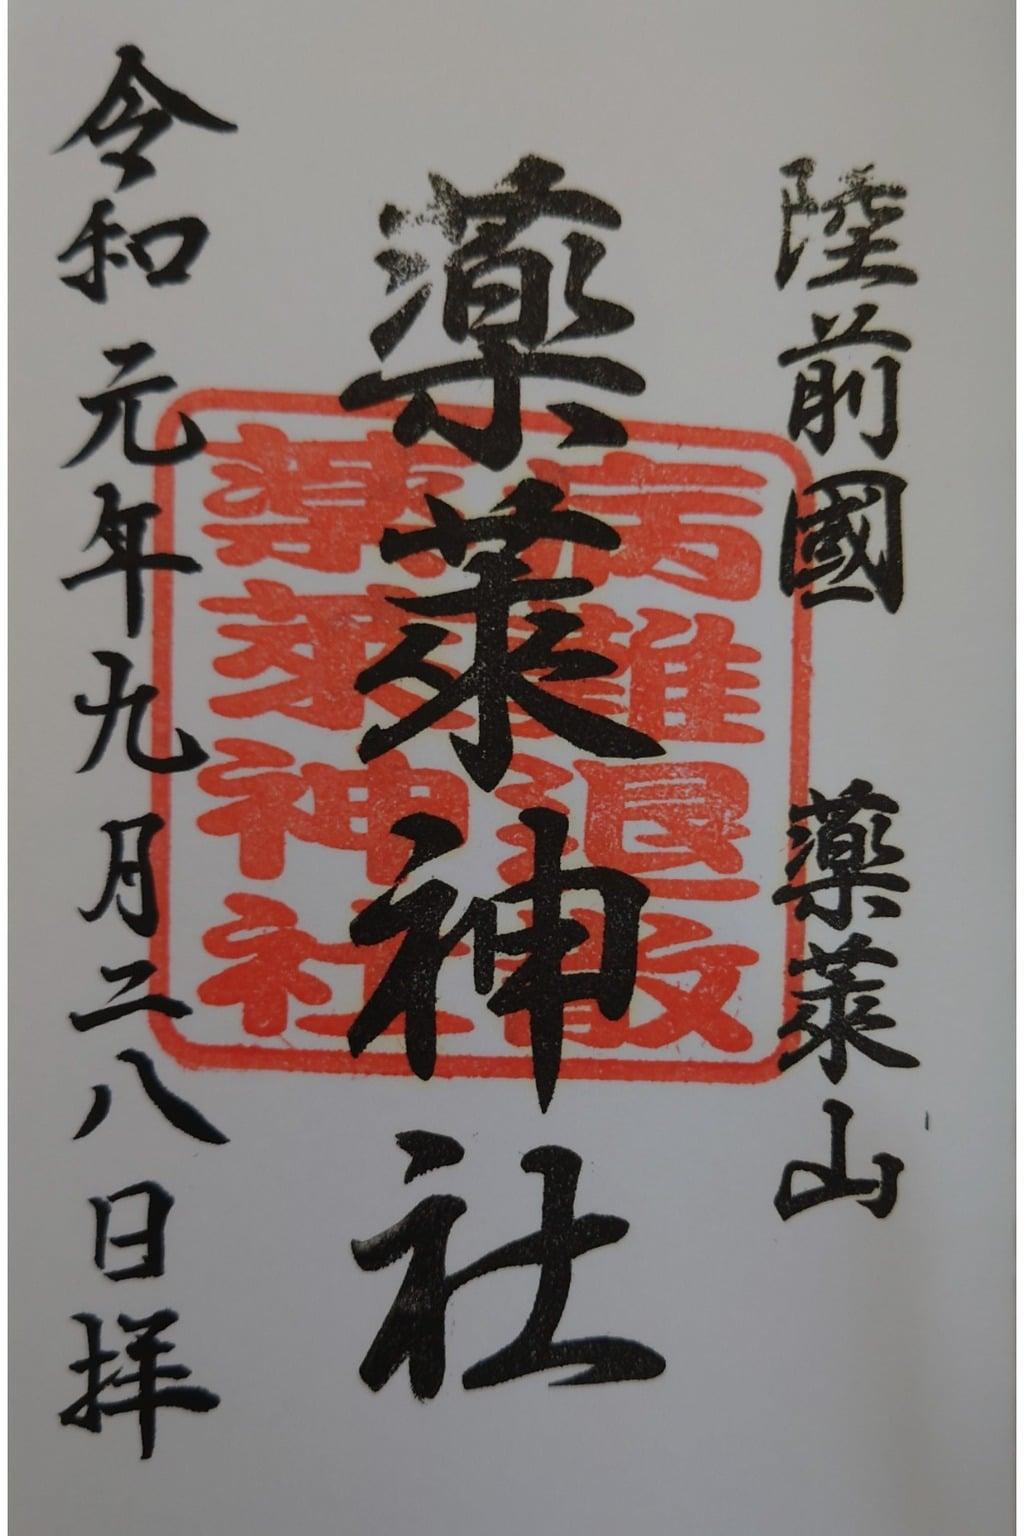 薬莱神社の御朱印